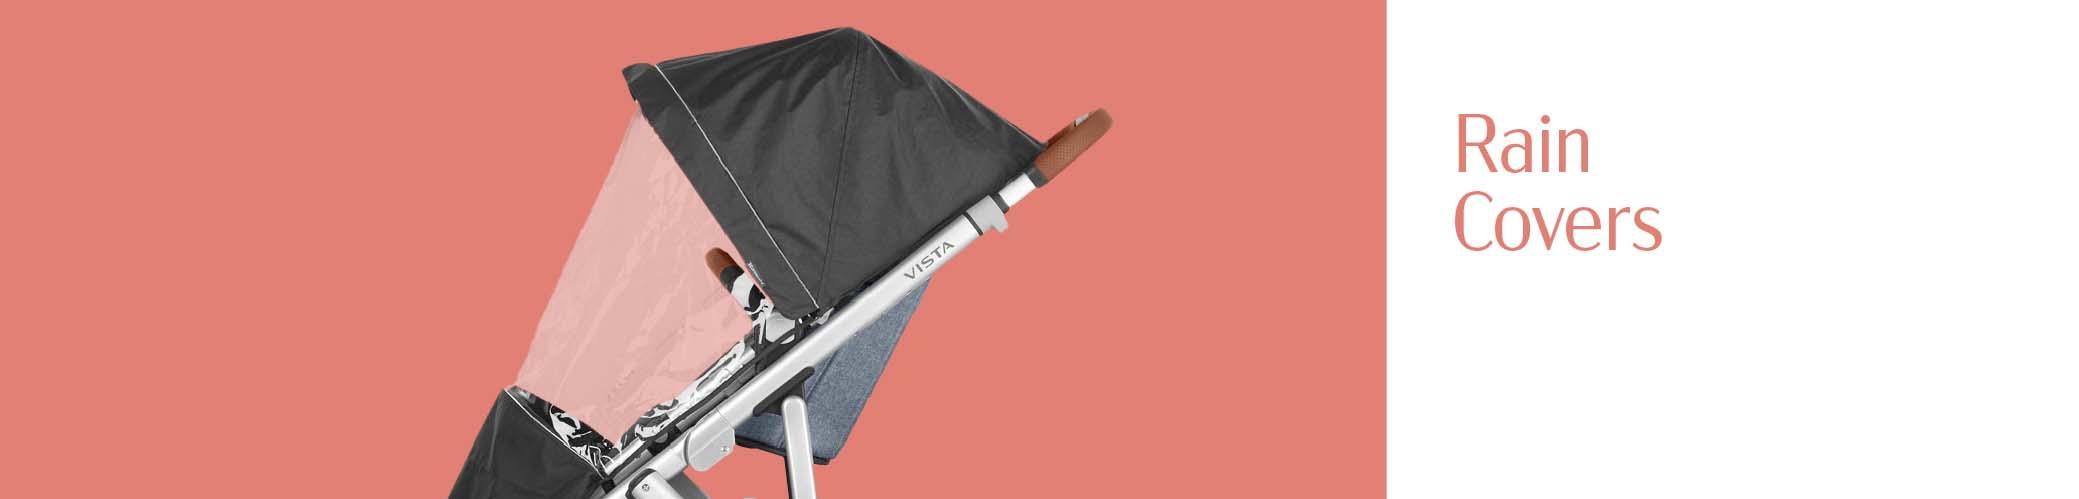 -35-raincovers-internalbanner-may21.jpg